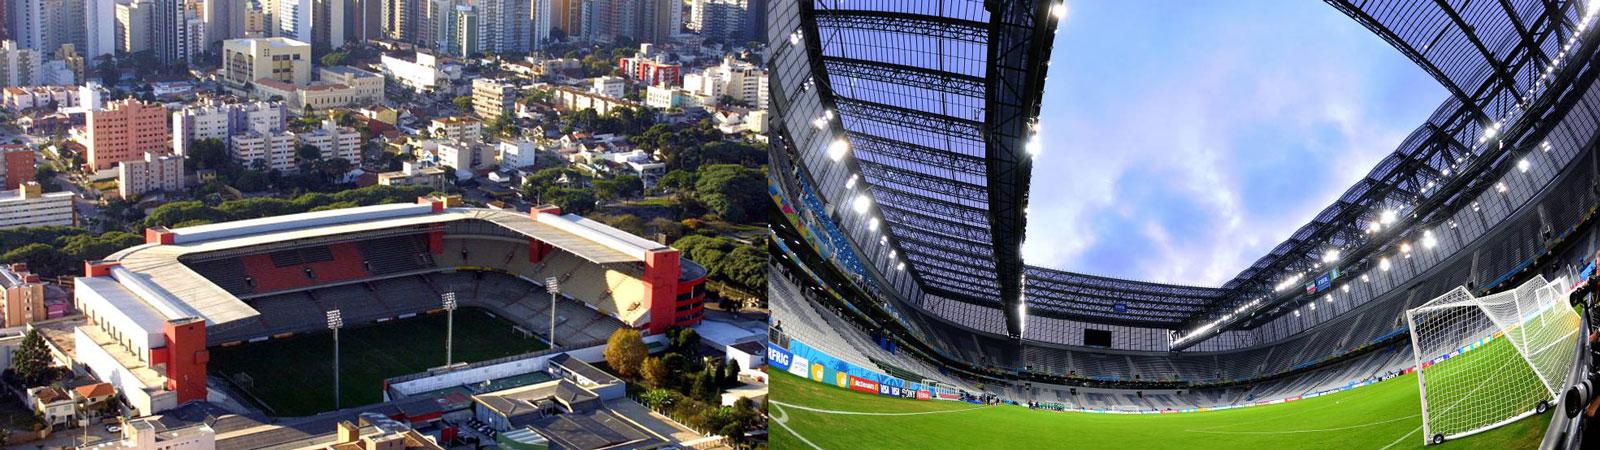 Estádio Joaquim Américo - Arena da Baixada, em suas duas fases (1999-2011 e pós-copa do mundo, 2014)